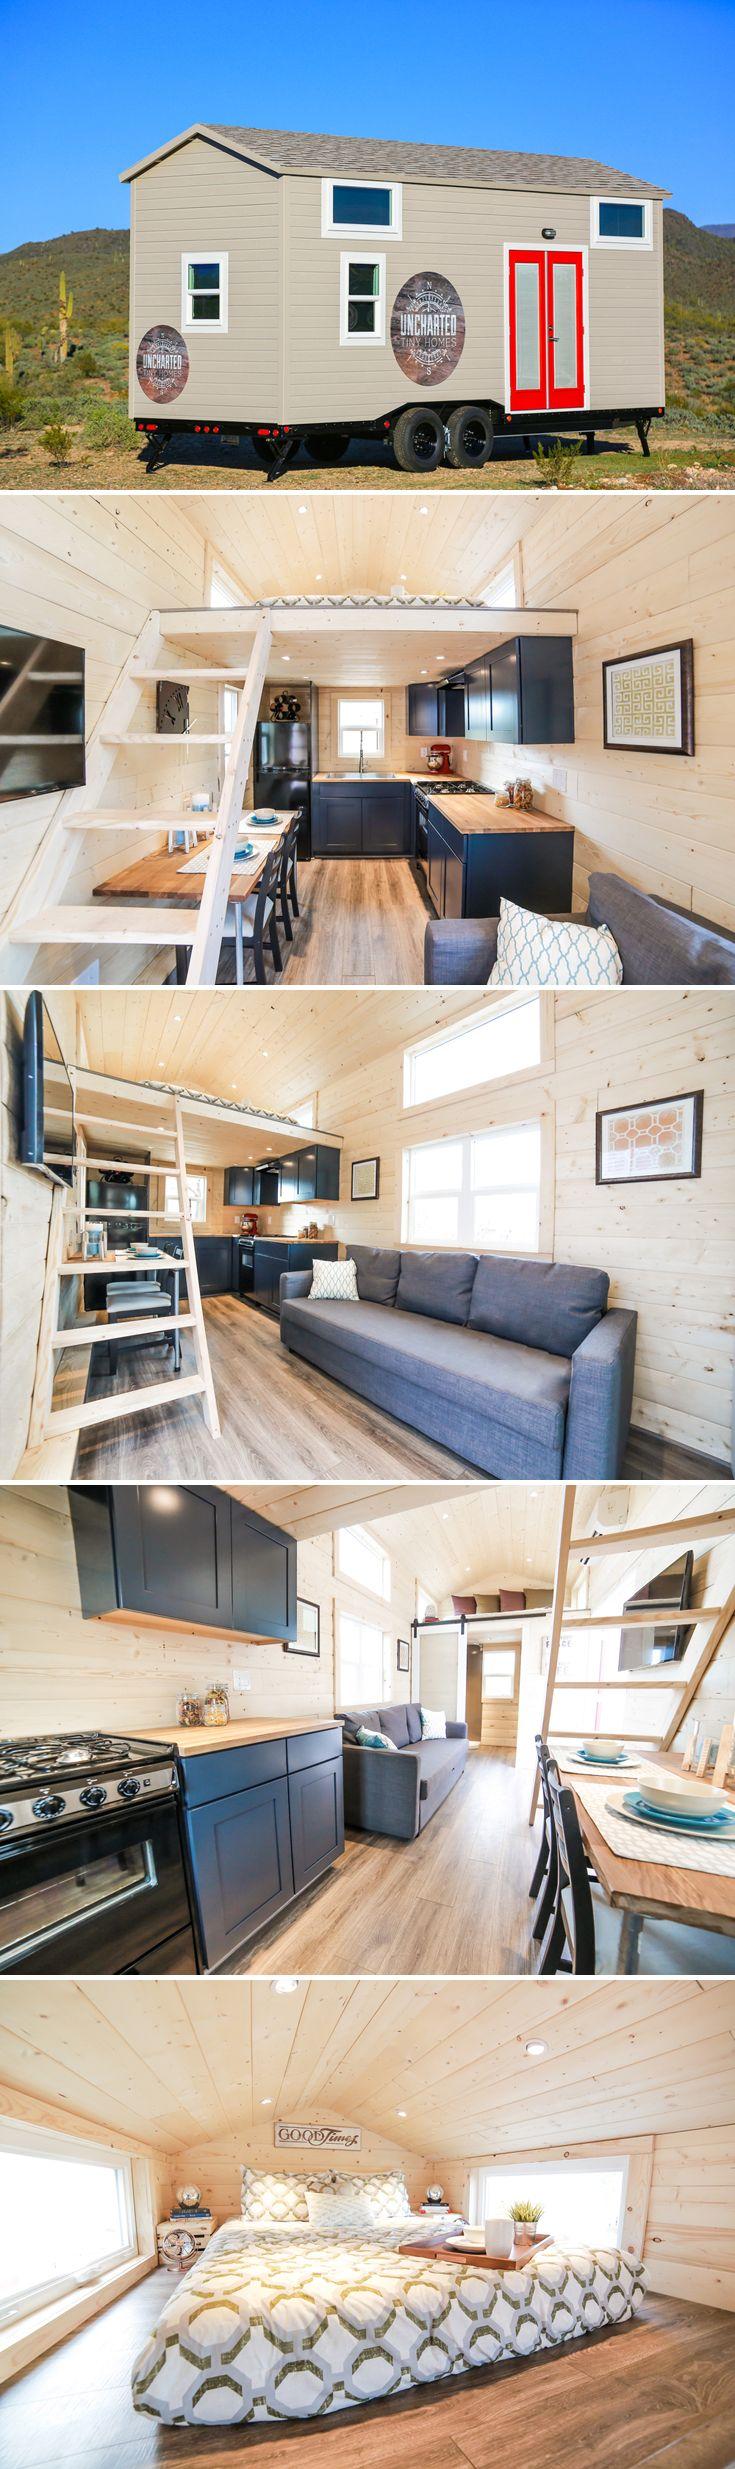 Maisonette-design-bilder  best  small houses  images on pinterest  small houses tiny